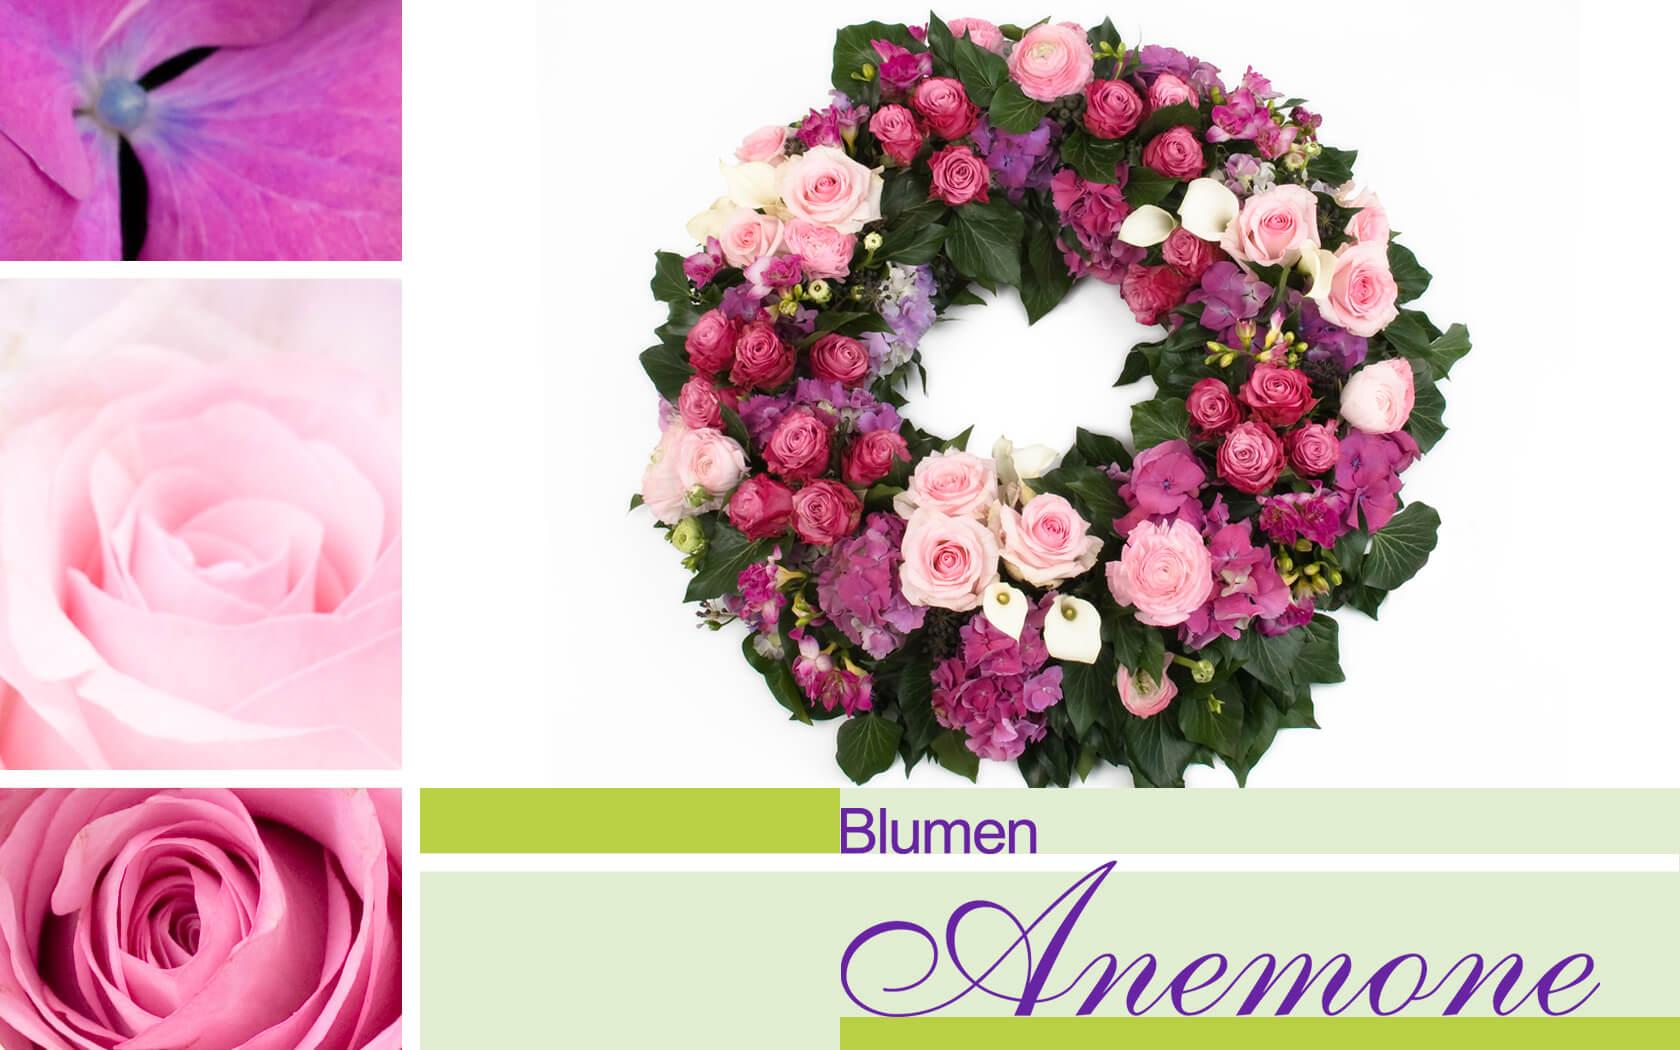 Blumen Anemone München – Ihr Florist in München-Sendling